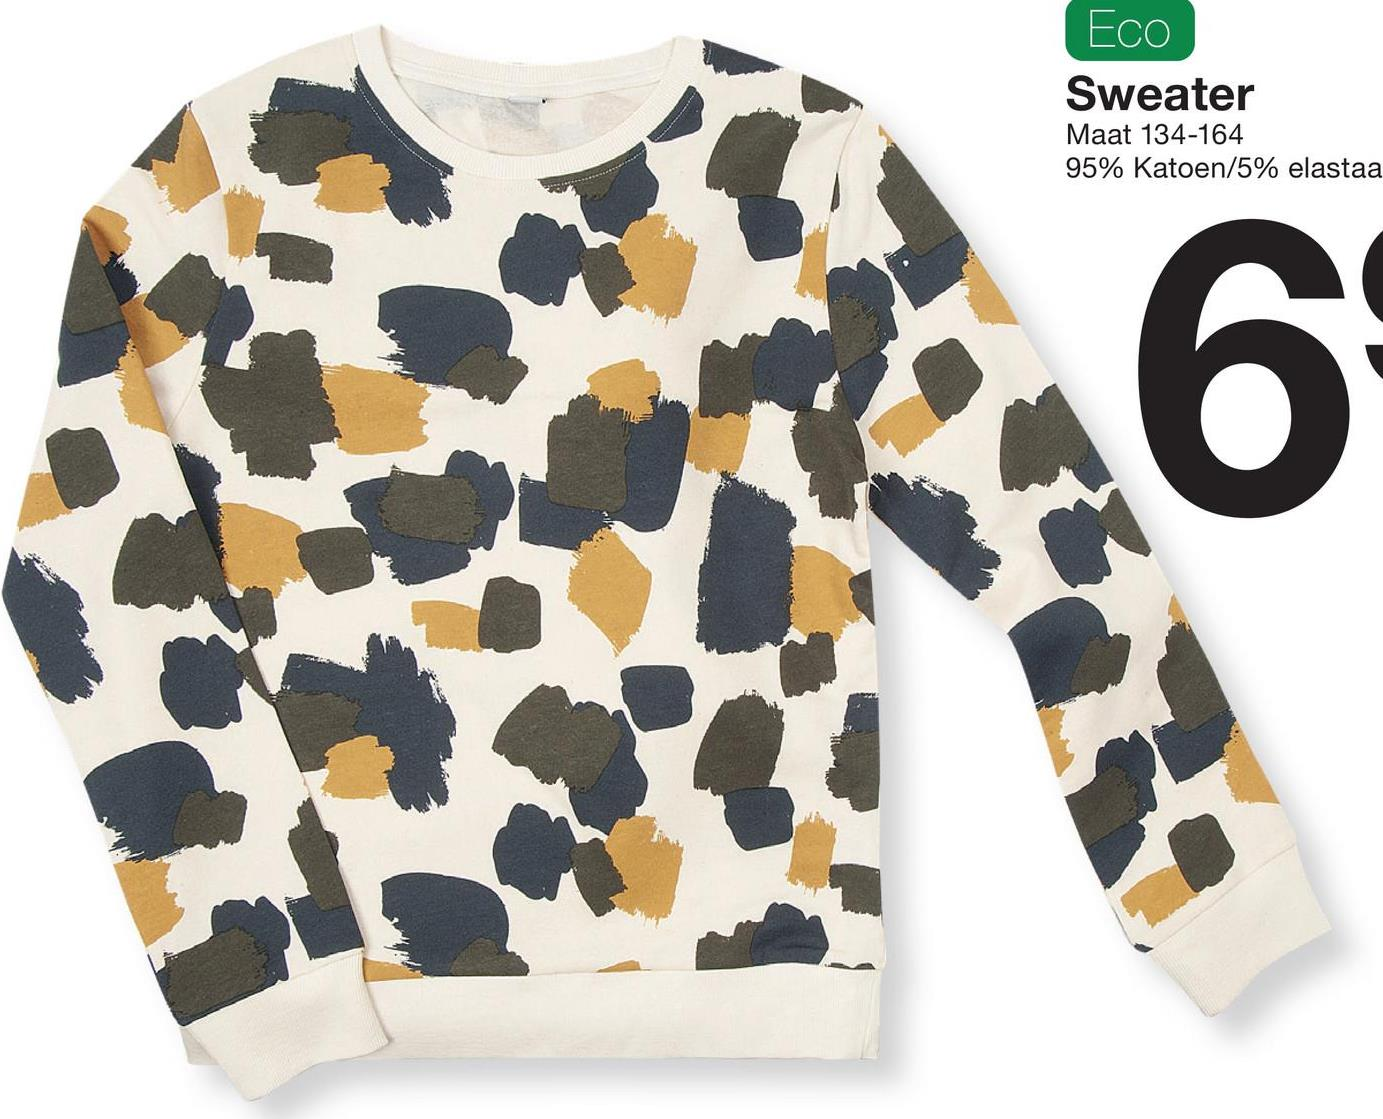 Eco Sweater Maat 134-164 95% katoen/5% elastaa 6